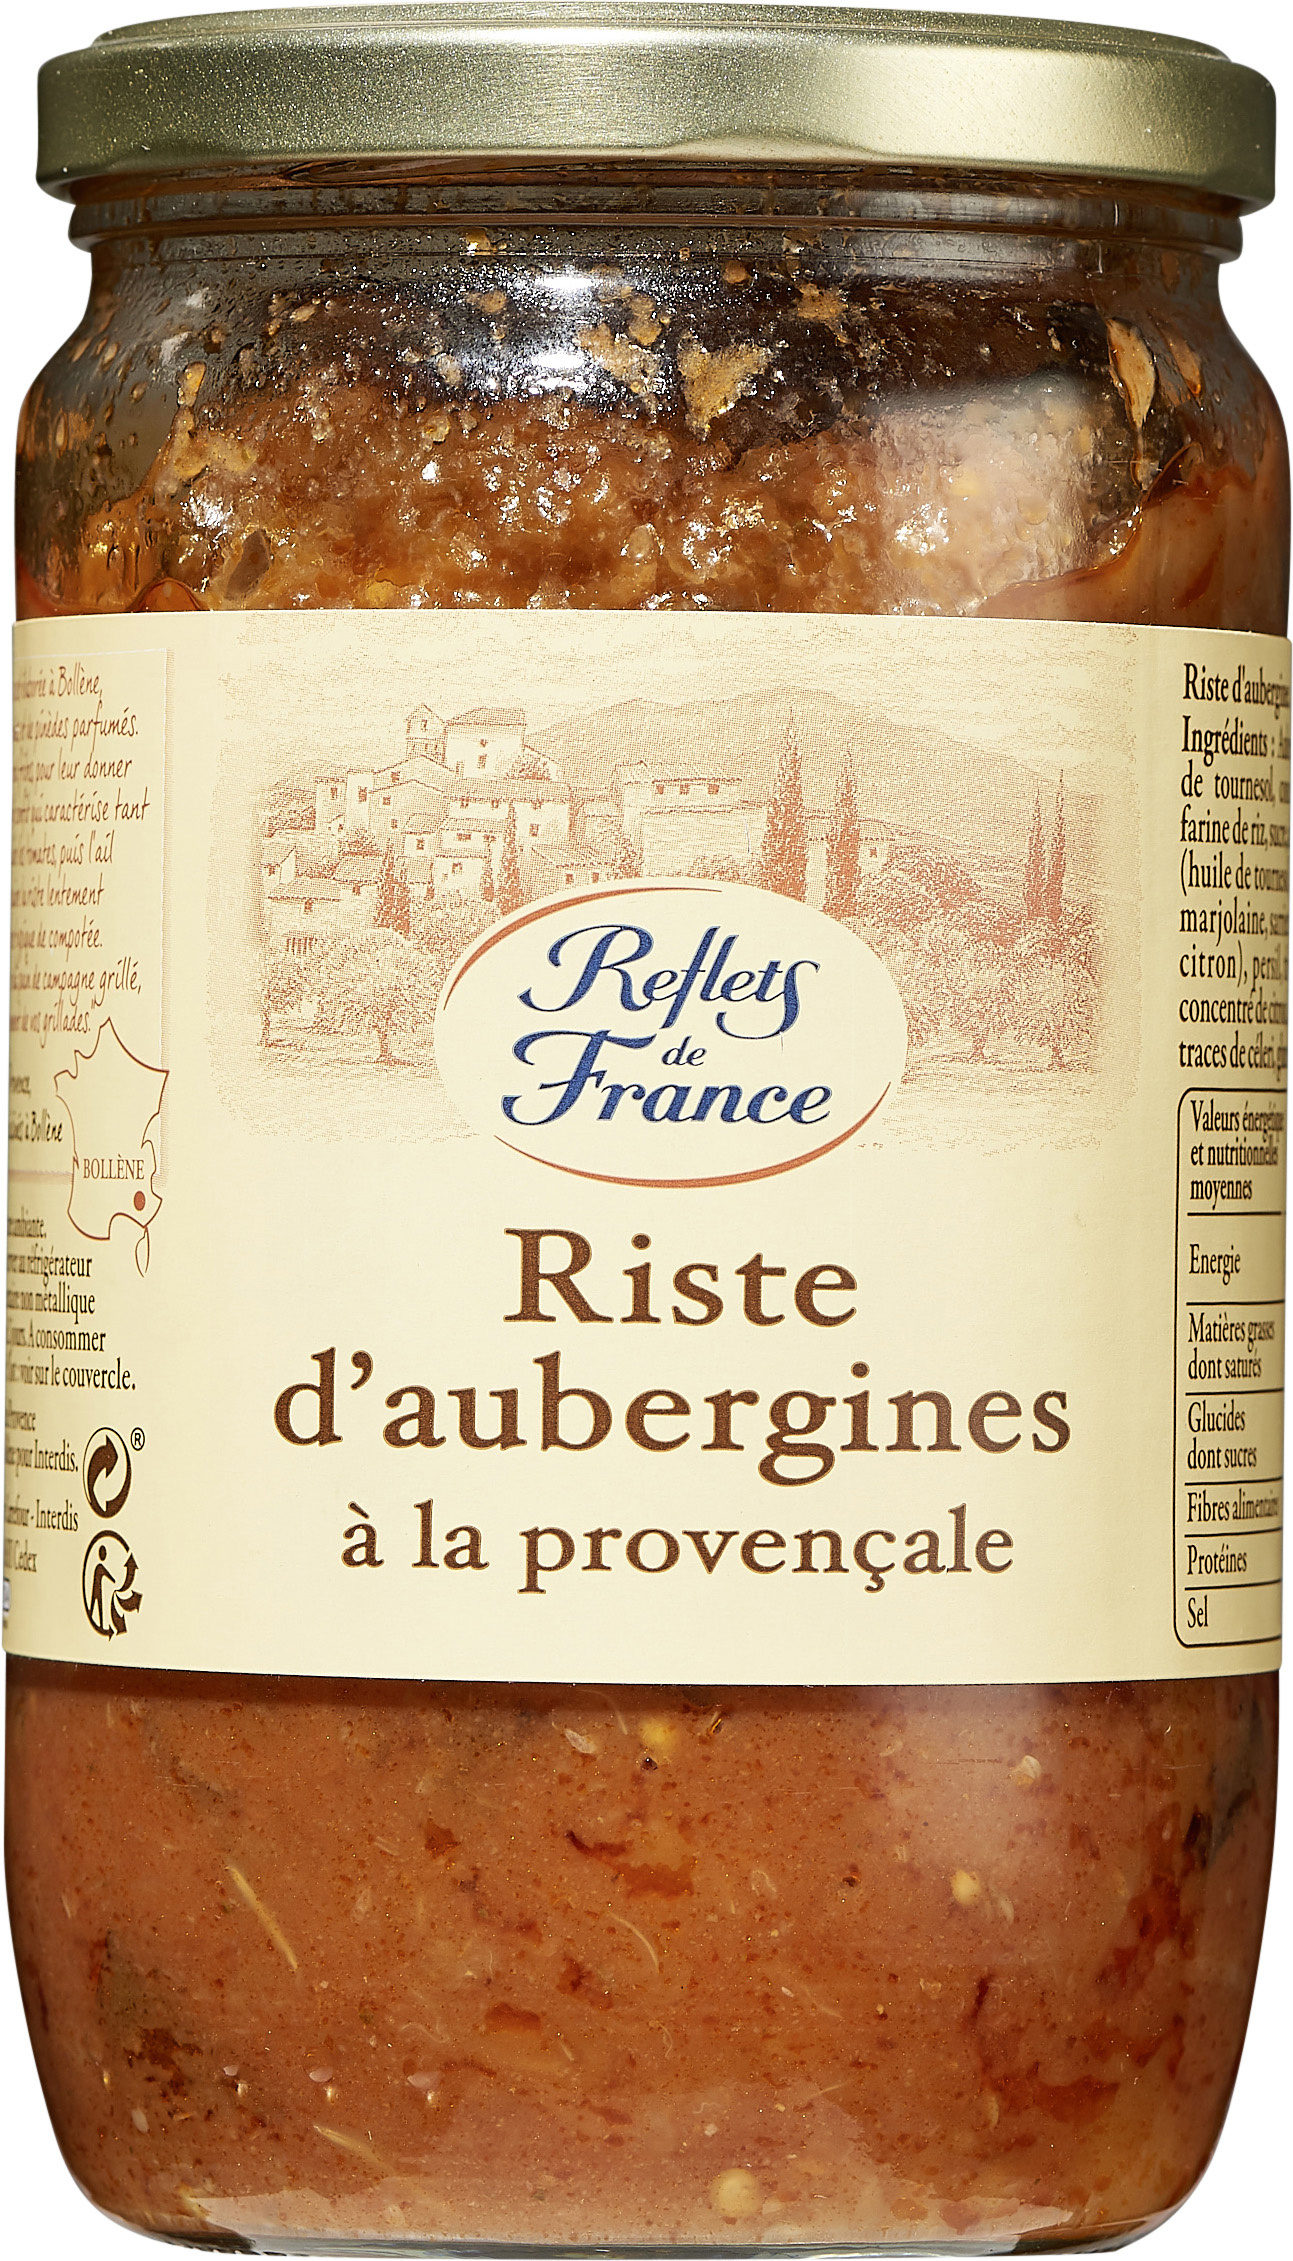 Riste d'Aubergines à la Provençale - Product